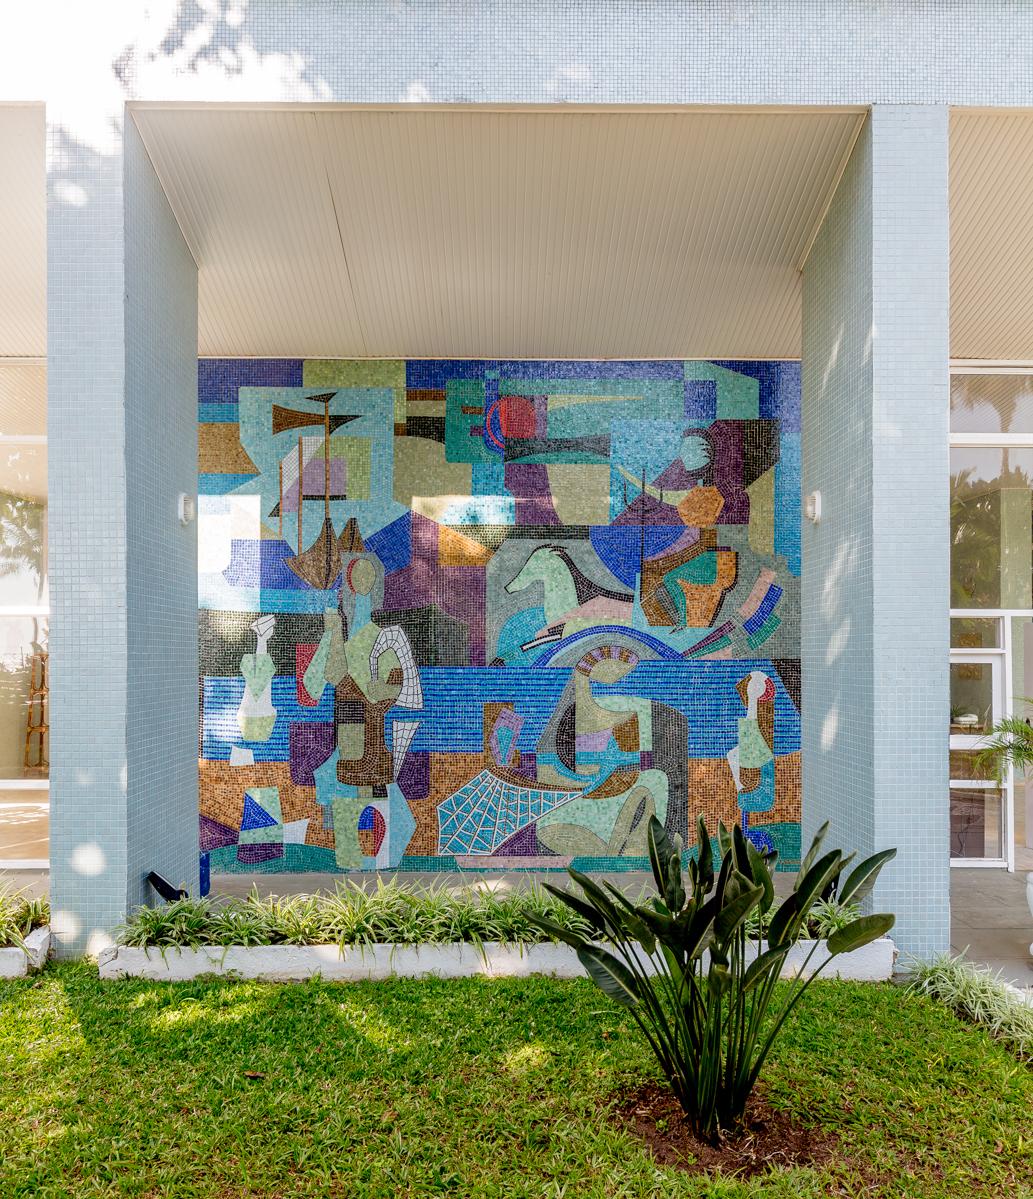 Edifício Mapi, no Balneário de Caiobá, em Matinhos (PR).